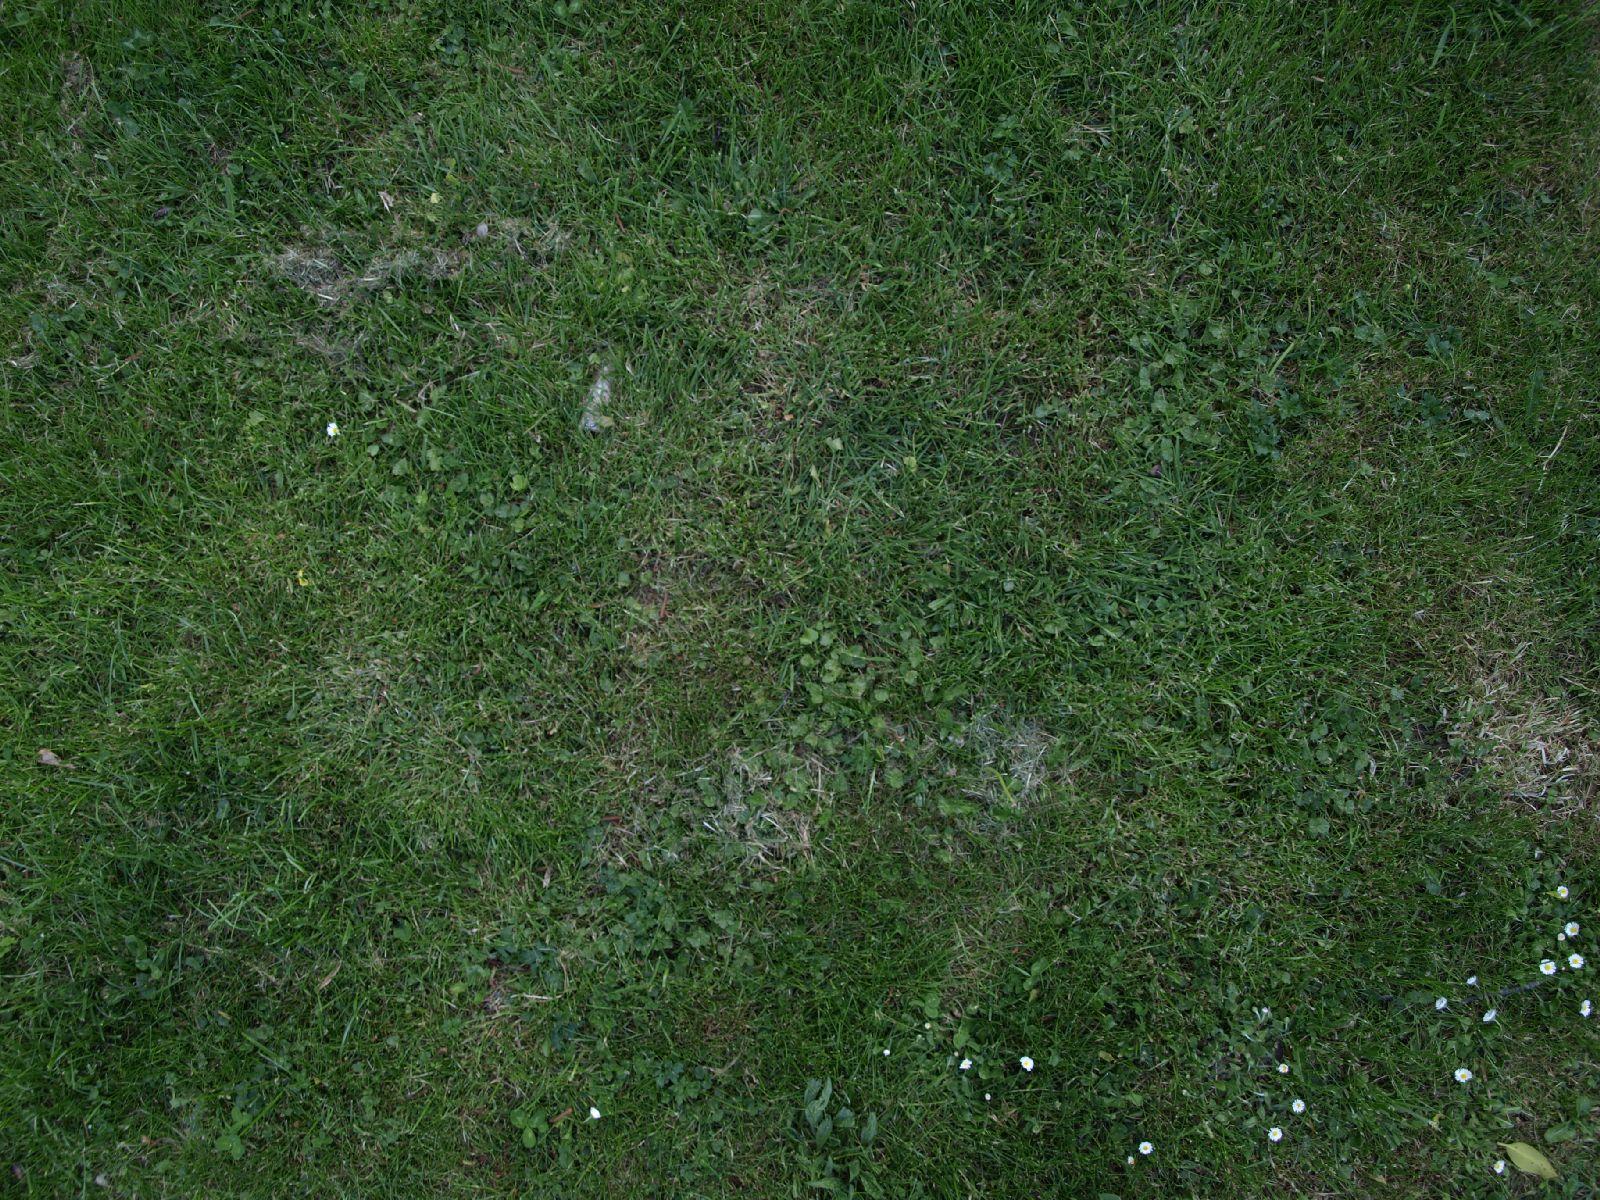 Boden-Gras-Moos-Blumen_Textur_A_P5122666